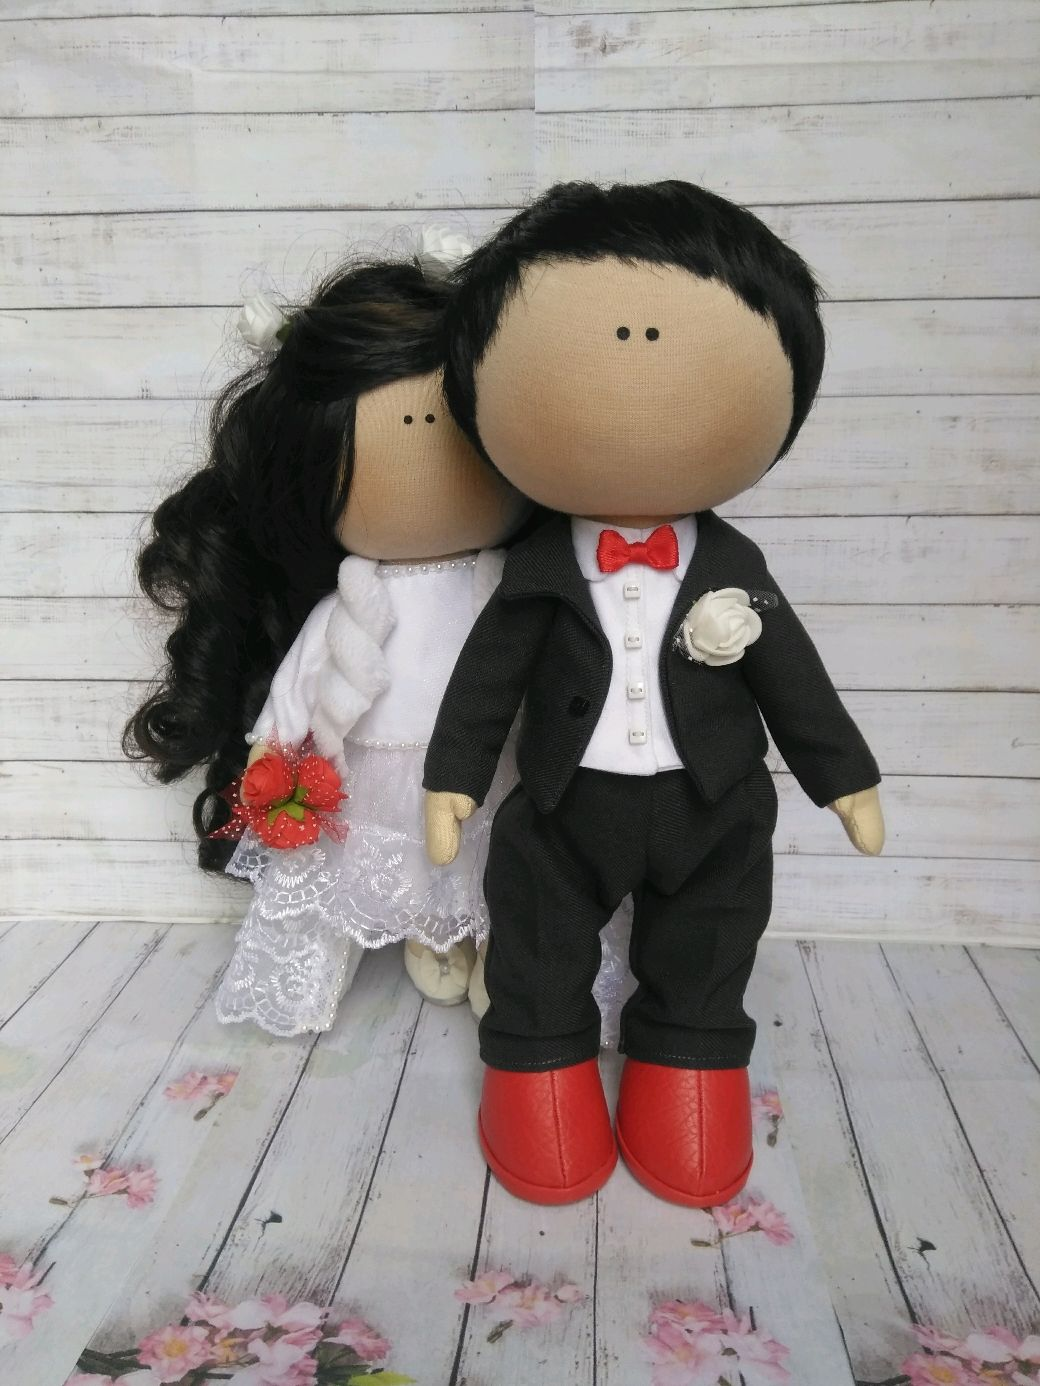 Интерьерные куклы Влюбленная пара, Тыквоголовка, Монино,  Фото №1